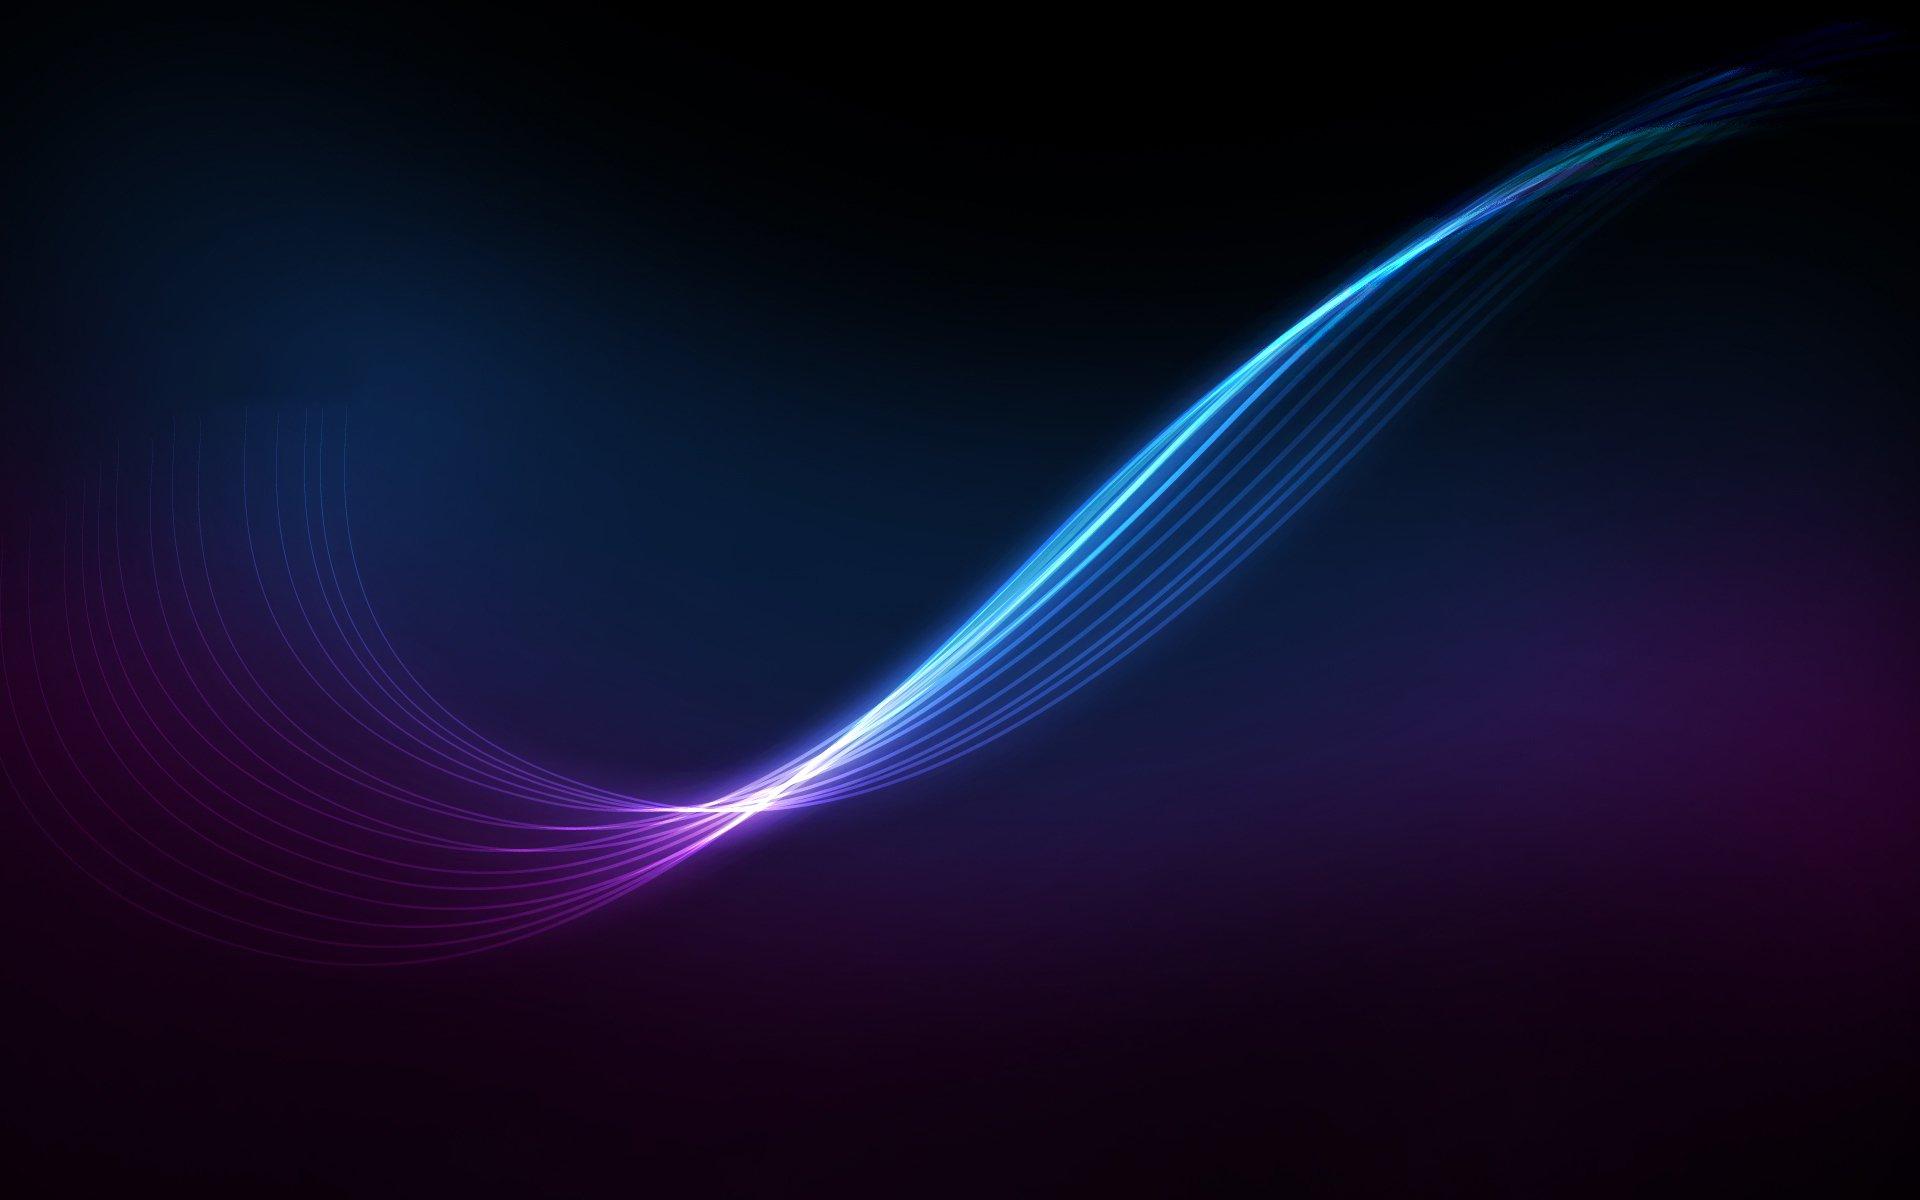 Обои фиолетовый фон, абстракция, рисунки. Абстракции foto 14